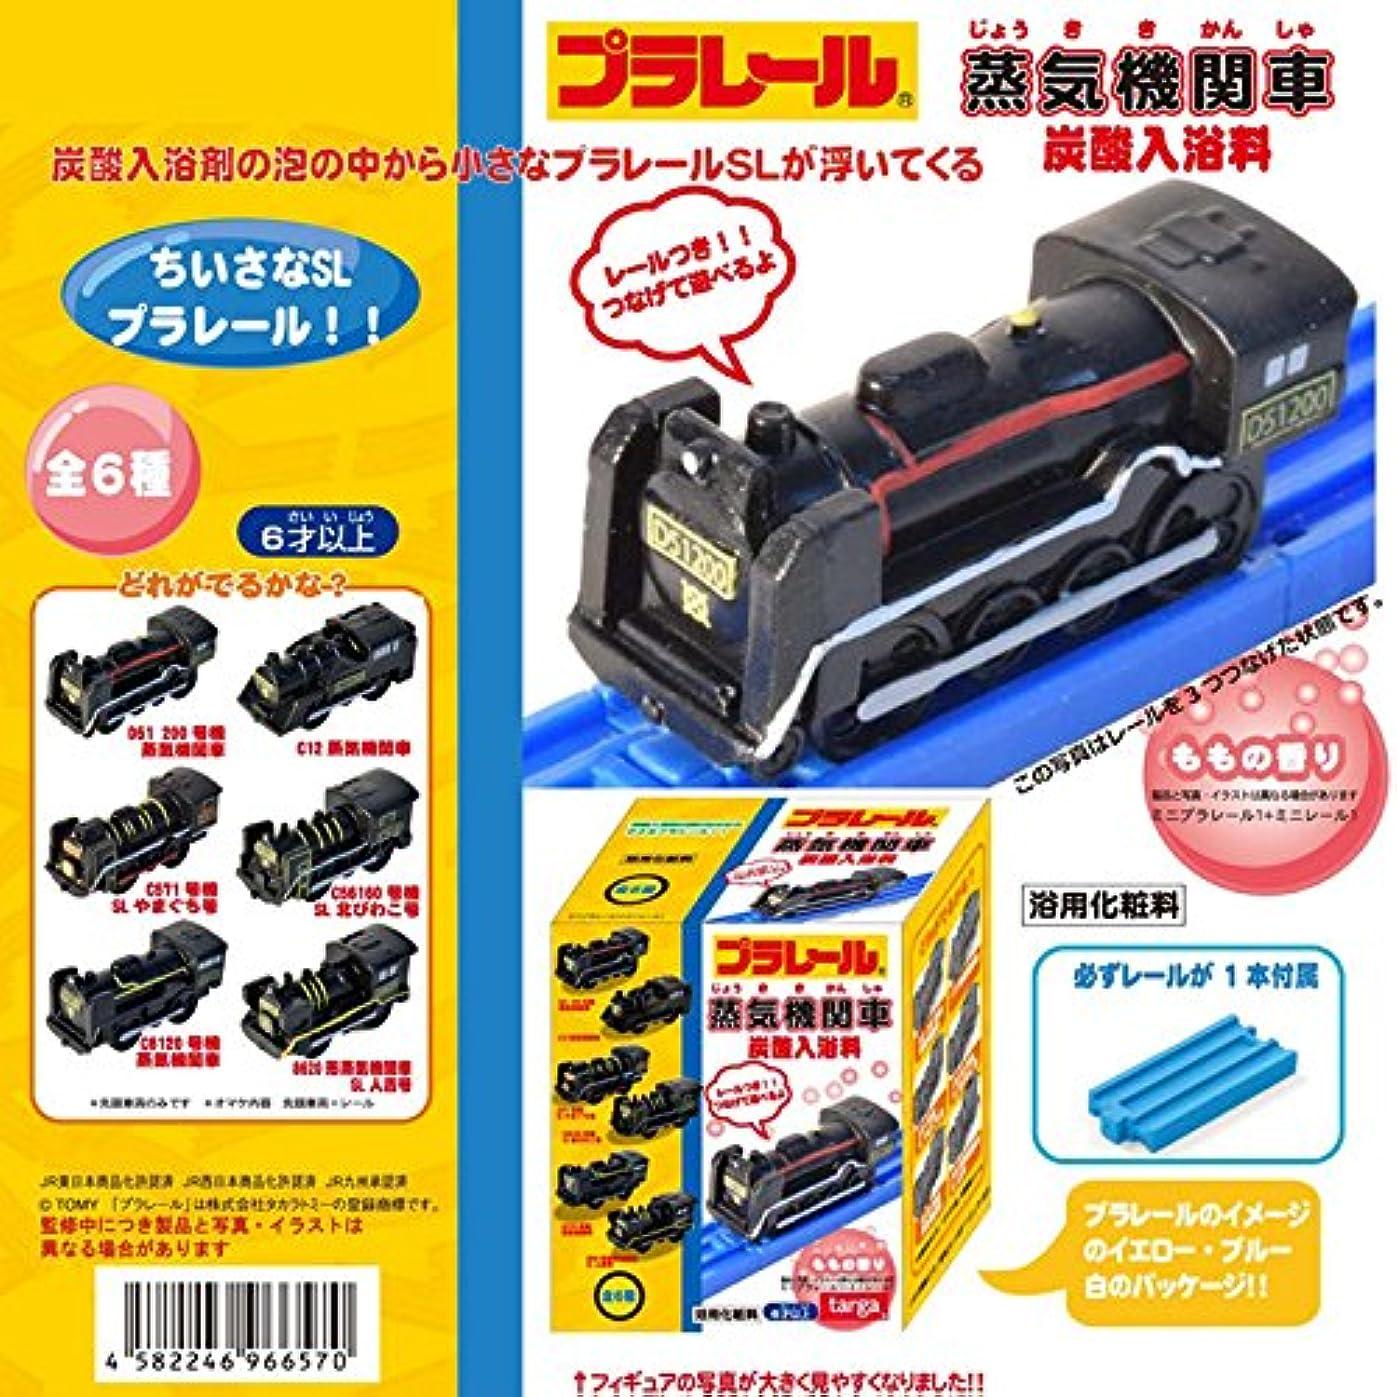 名詞曲がったマーベルプラレール 蒸気機関車 炭酸入浴料 6個1セット ももの香り レールつき機関車 入浴剤